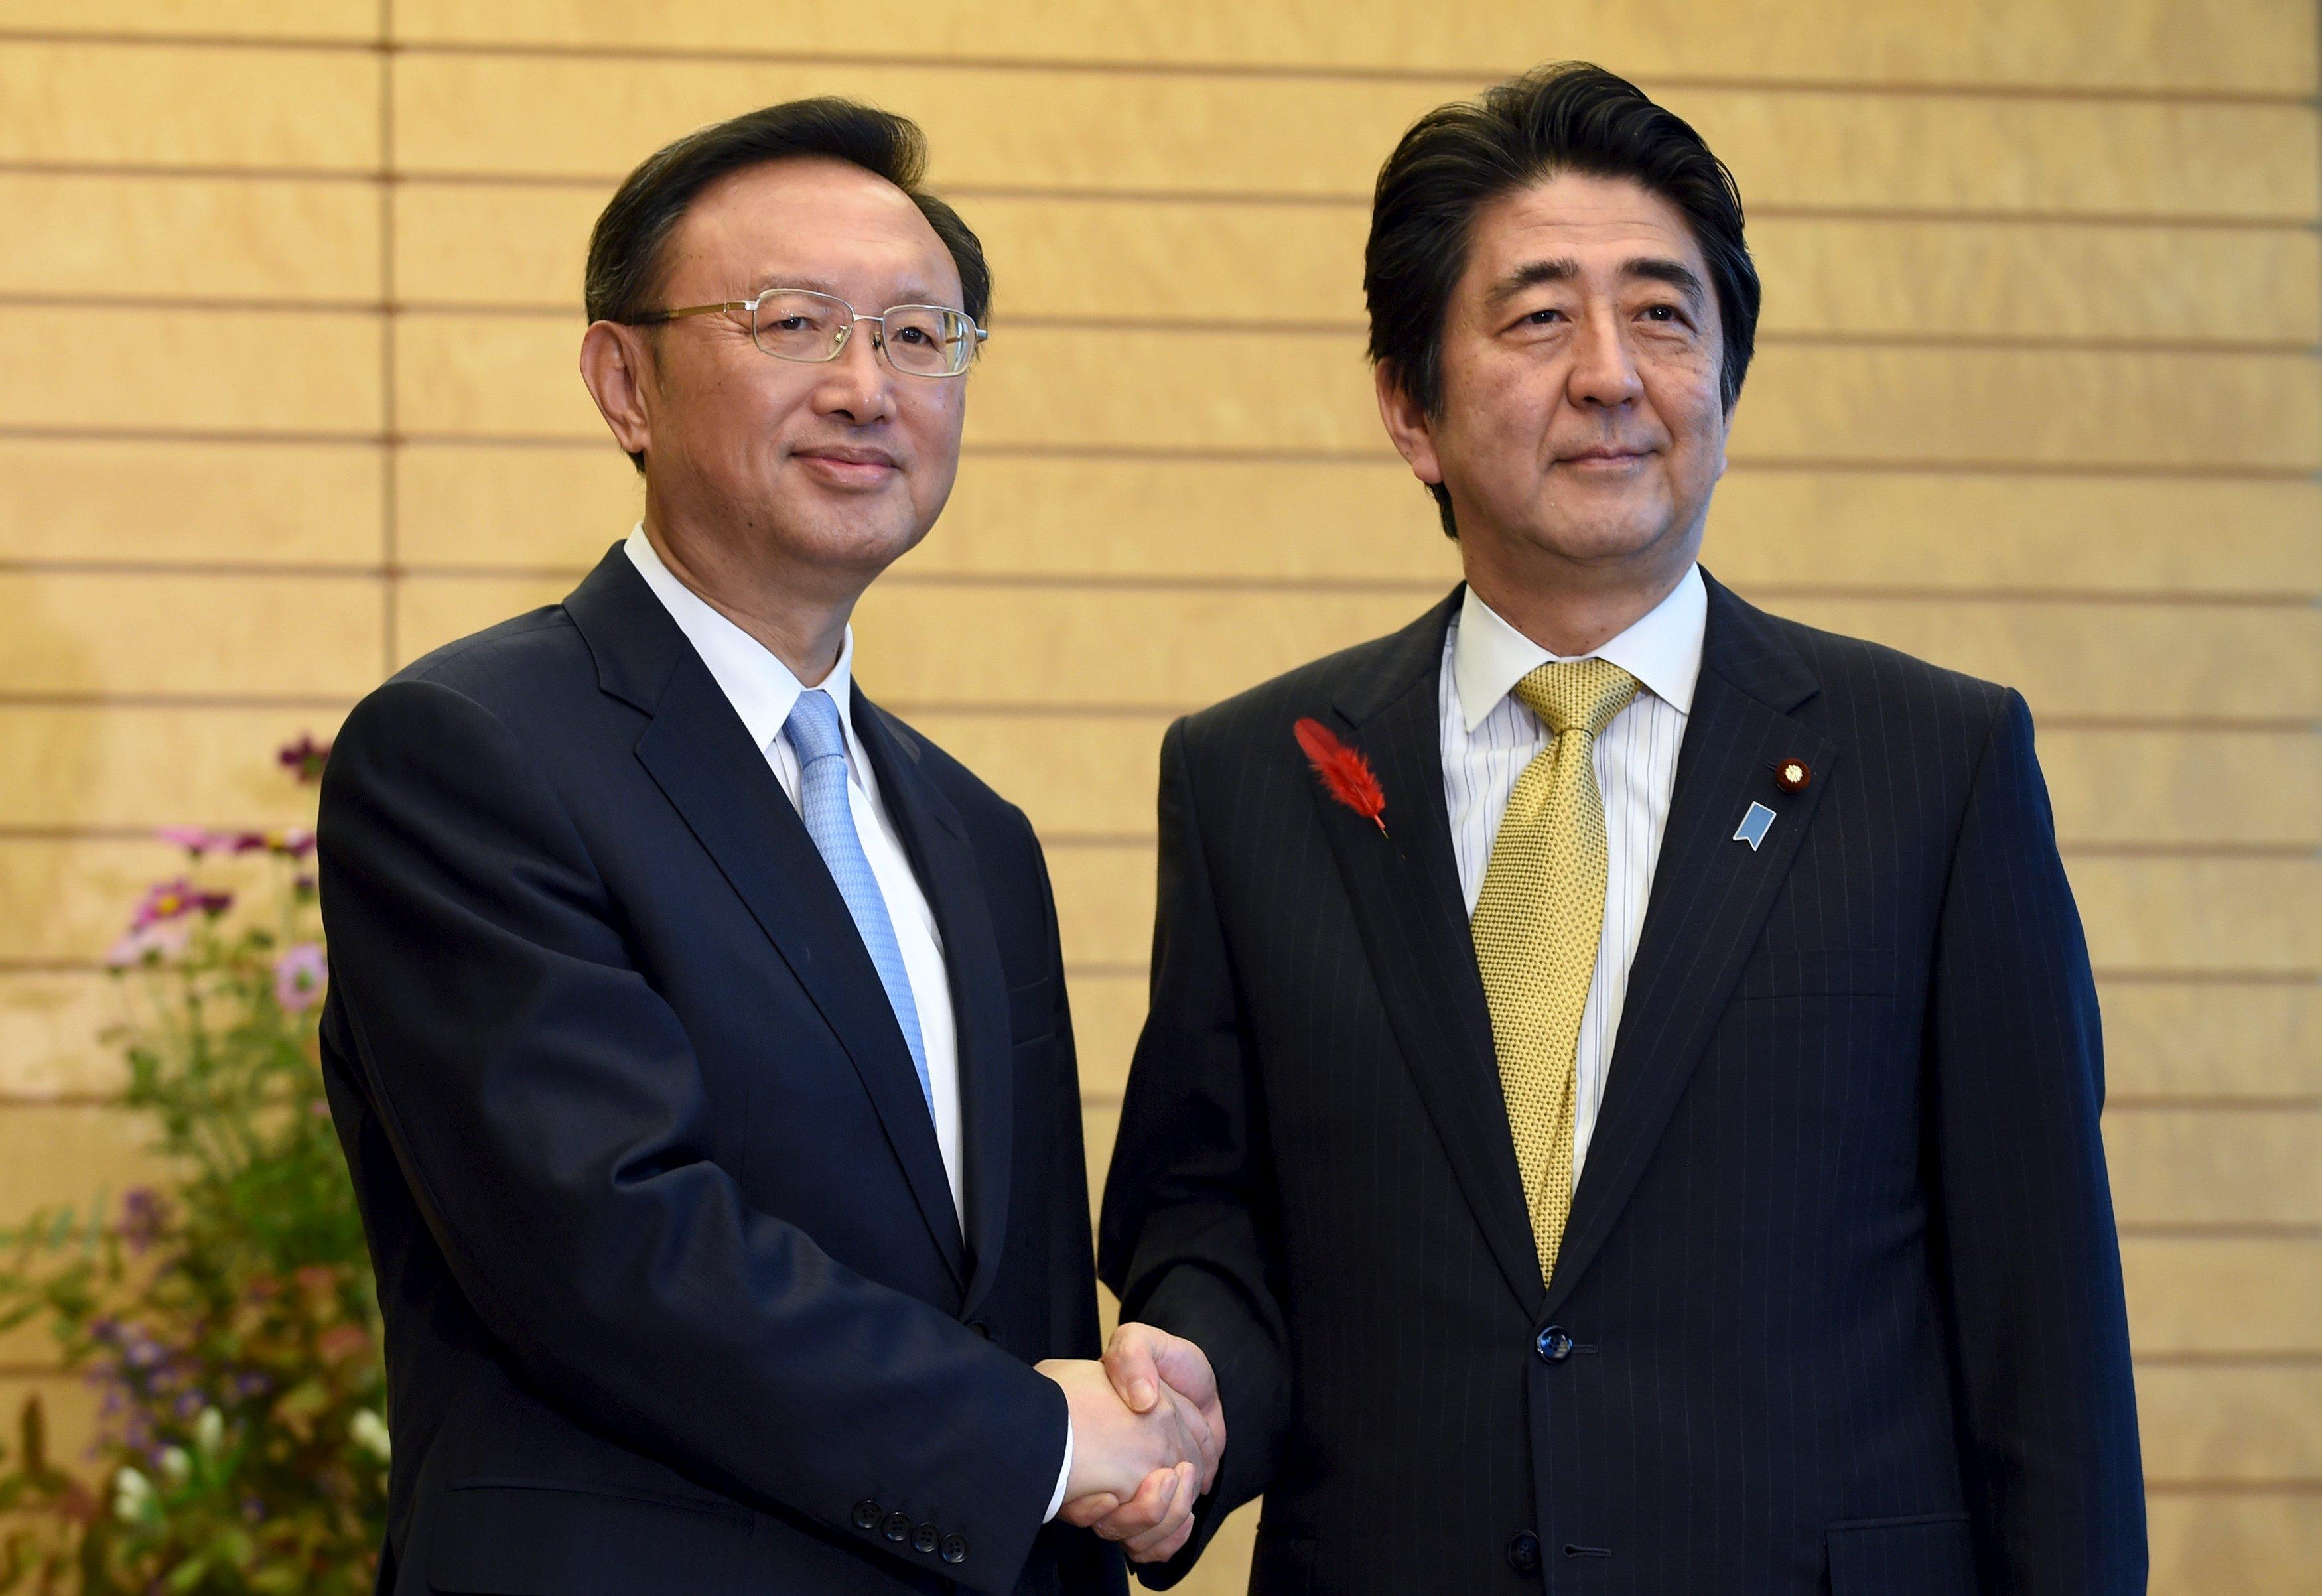 Anggota Dewan Nasional Tiongkok Yang Jiechi (kiri) bersalaman dengan Perdana Menteri Jepang Shinzo Abe pada awal pembicaraan di kediaman resmi Abe di Tokyo, 14 Oktober 2015. Pejabat senior Tiongkok dan Jepang pada hari Selasa sepakat untuk melakukan dialog tingkat tinggi untuk memperbaiki hubungan yang retak, kata pejabat pemerintah Jepang. Yang, diplomat top Tiongkok, dan Shotaro Yachi, Kepala Badan Keamanan Nasional Jepang, sepakat di Tokyo untuk mendorong dialog bilateral termasuk dialog antara pejabat tinggi, kata pejabat Jepang. ANTARA FOTO/REUTERS/Toshifumi Kitamura.